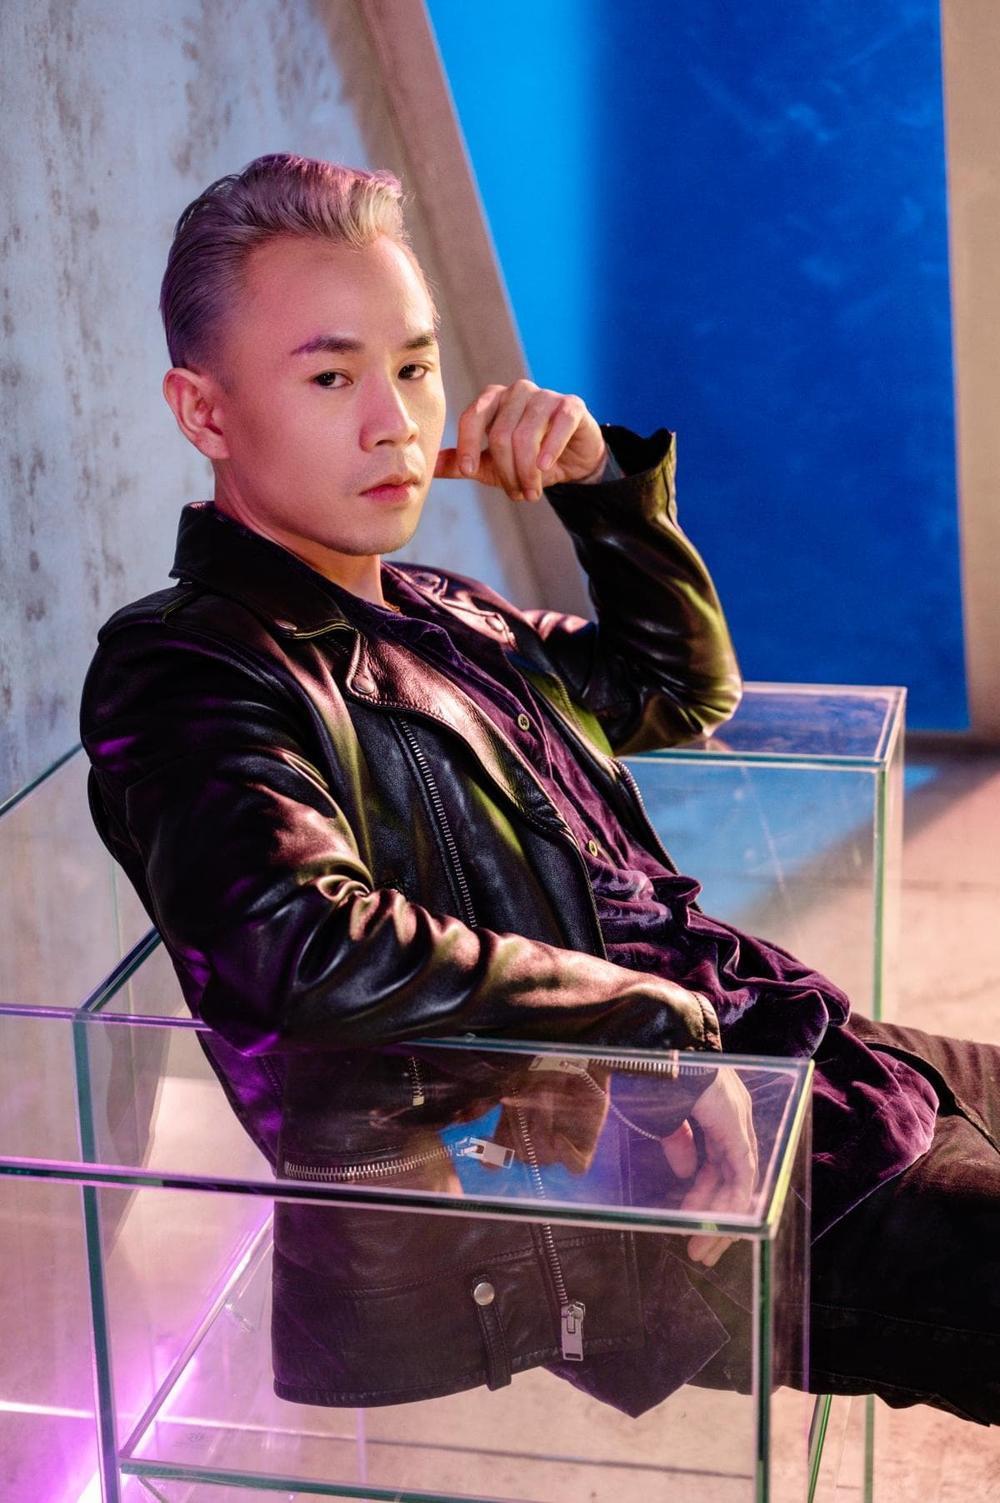 Top sao Việt 'công phá' bảng xếp hạng quốc tế 2020: Sơn Tùng M-TP dẫn đầu, 'trùm cuối' gây bất ngờ nhất Ảnh 2